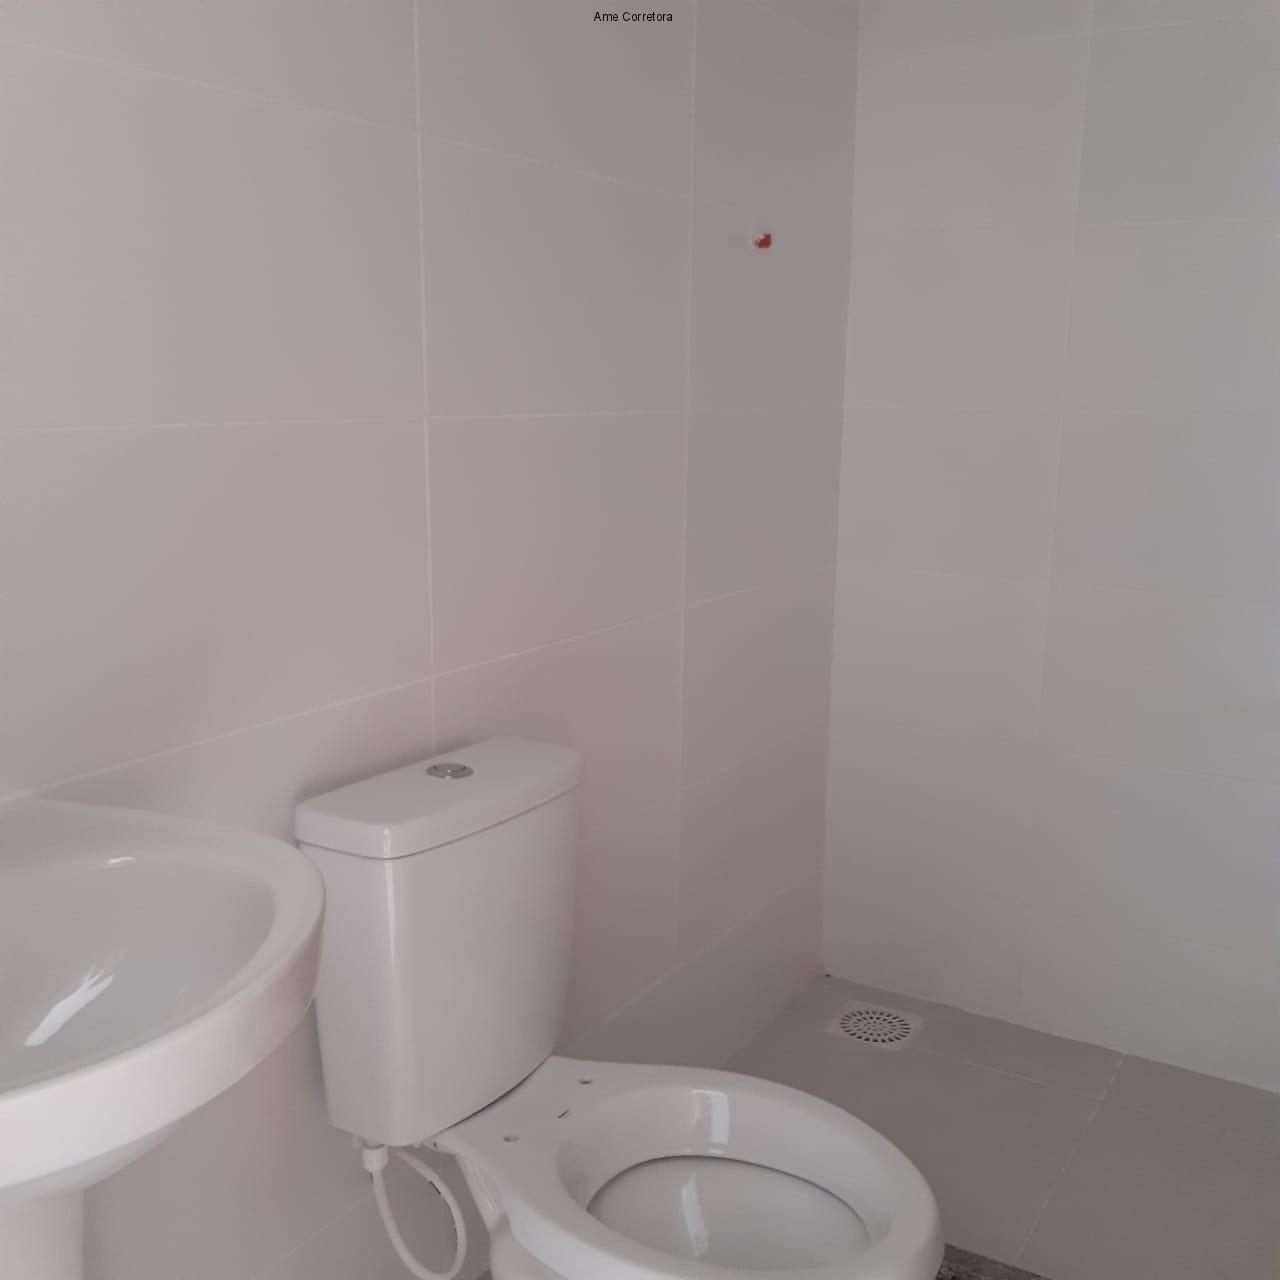 FOTO 24 - Casa 2 quartos à venda Rio de Janeiro,RJ - R$ 190.000 - CA00612 - 24